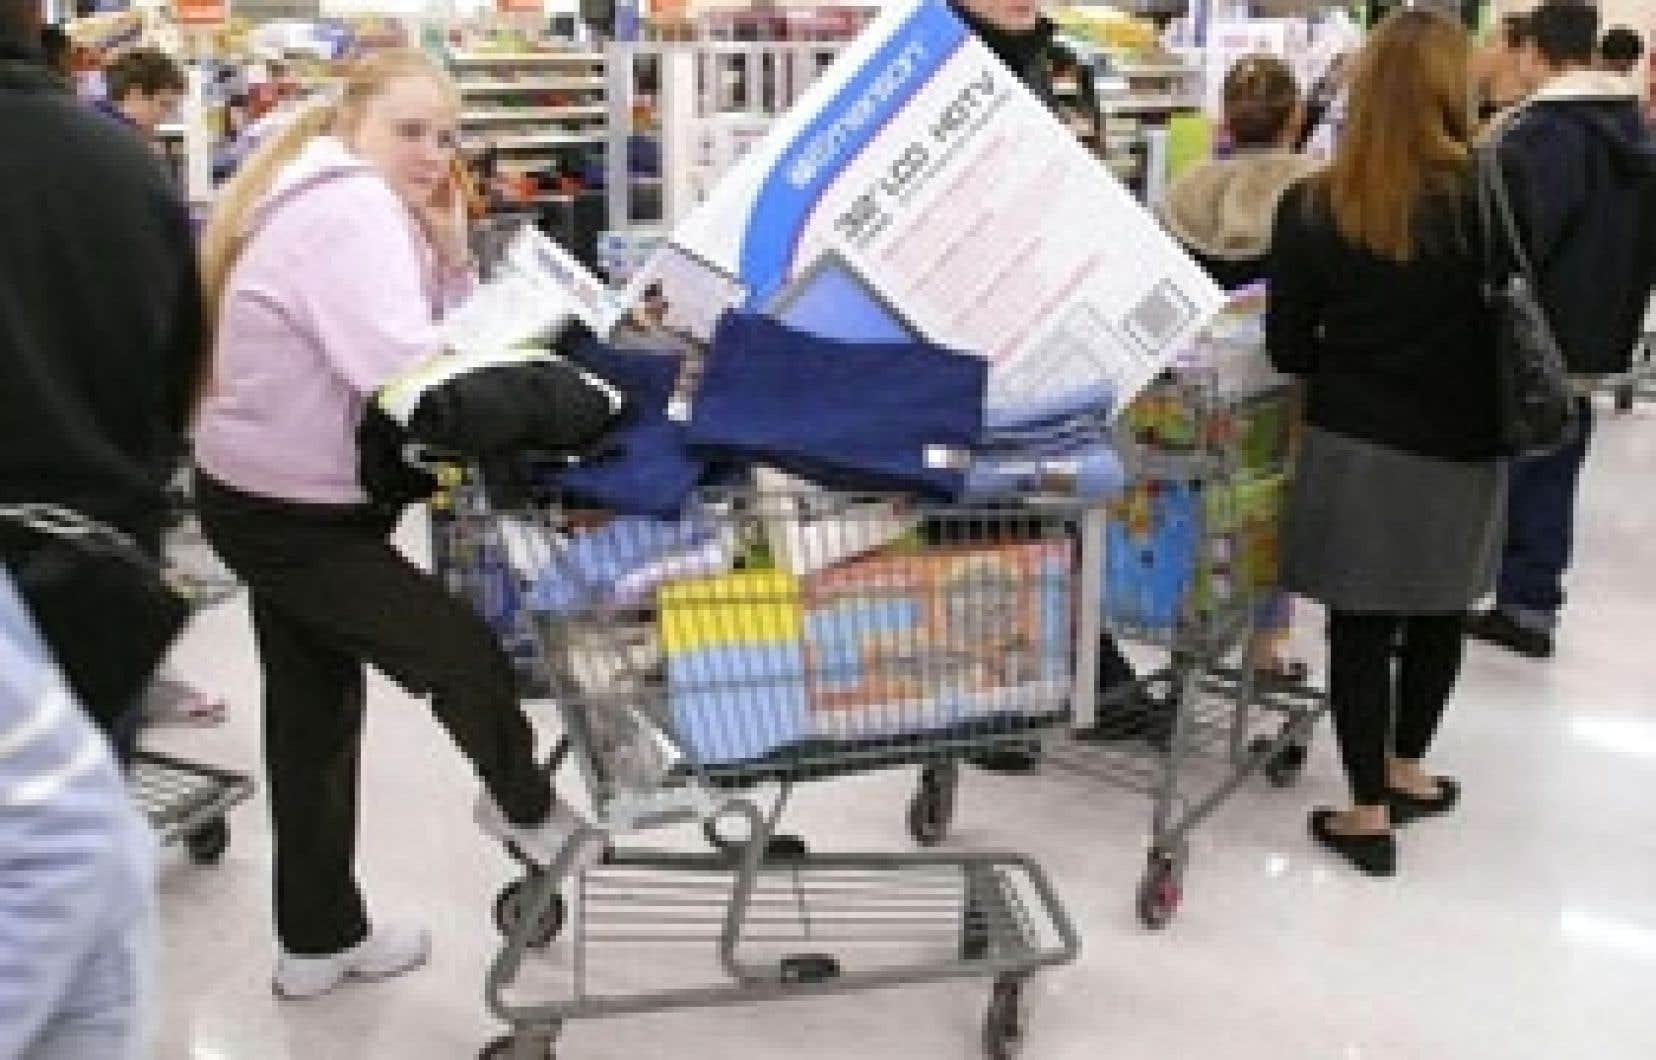 De décembre à février, l'indice global de confiance des consommateurs dans l'économie a atteint son niveau le plus élevé depuis août dernier.